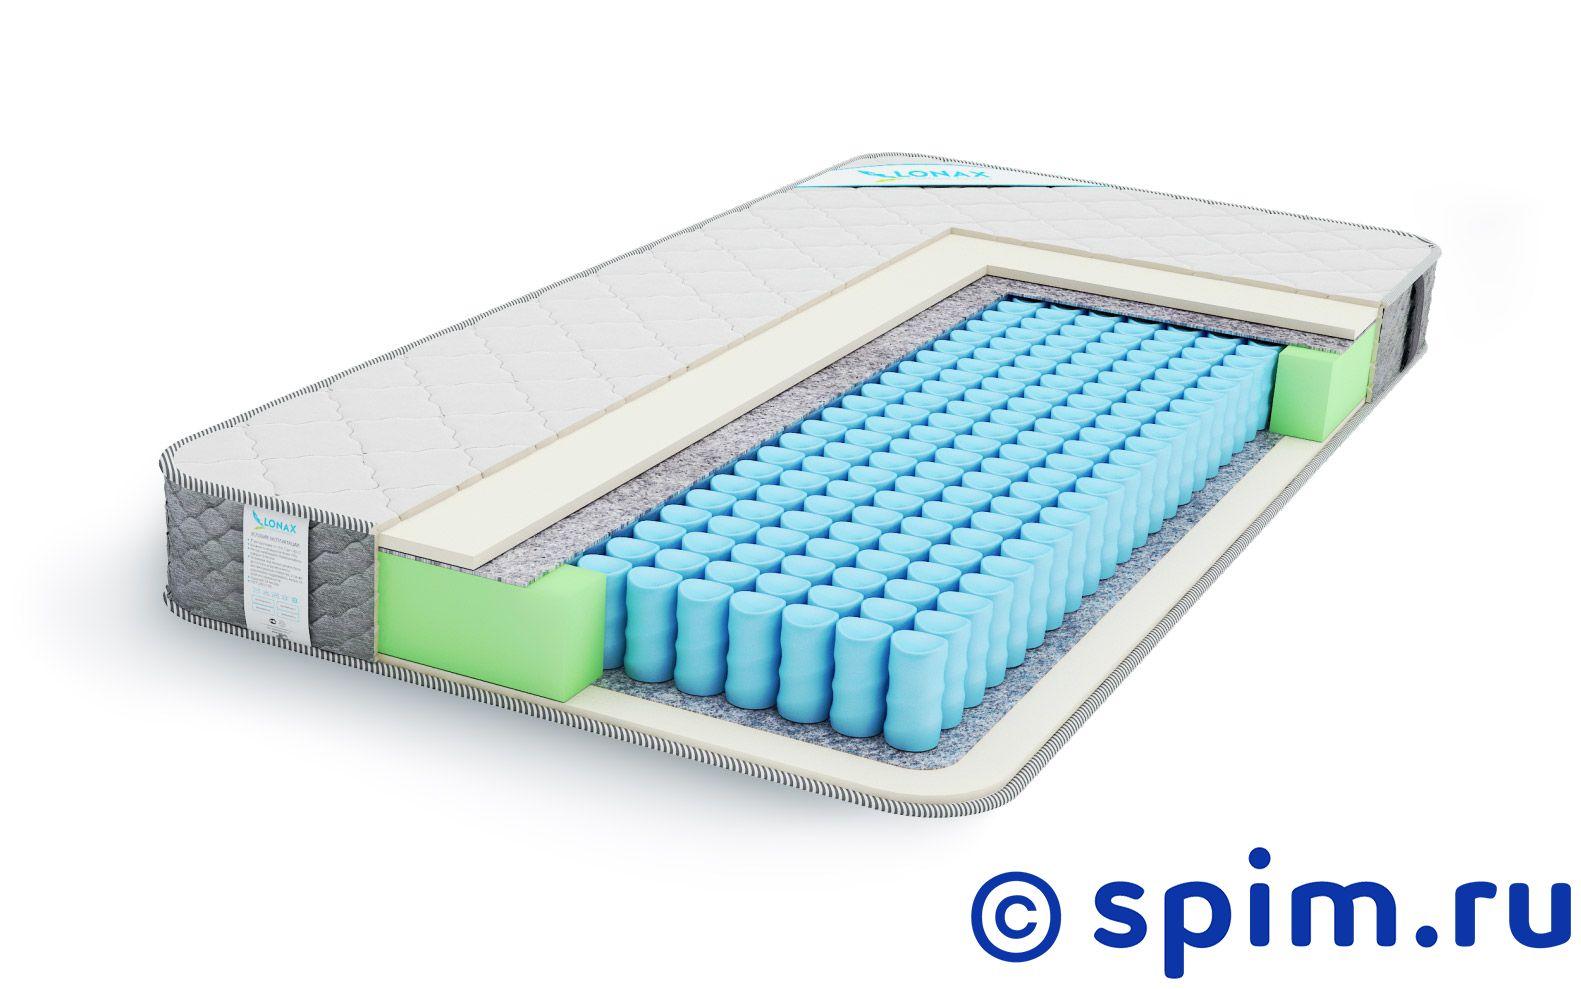 Матрас Lonax Swift Plus 120х200 смМатрасы Lonax Light<br>Модель Lonax Swift Plus – недорогой мягкий пружинный матрас, выполненный в элегантном современном дизайне. Уровень жесткости: низкий. Основа: блок независимых пружин TFK Light (210 пружин/м2). Наполнители: пена Foam - 1 см, термовойлок, ппу по периметру. Чехол: трикотаж, простеганный на синтепоне, бурлет - тик. Максимальный вес на спальное место, кг: 90. Высота, см: 17. Размер Лонакс Свифт Плюс полутораспальный: 120 x 200 см<br><br>Ширина см: 120<br>Длина см: 200